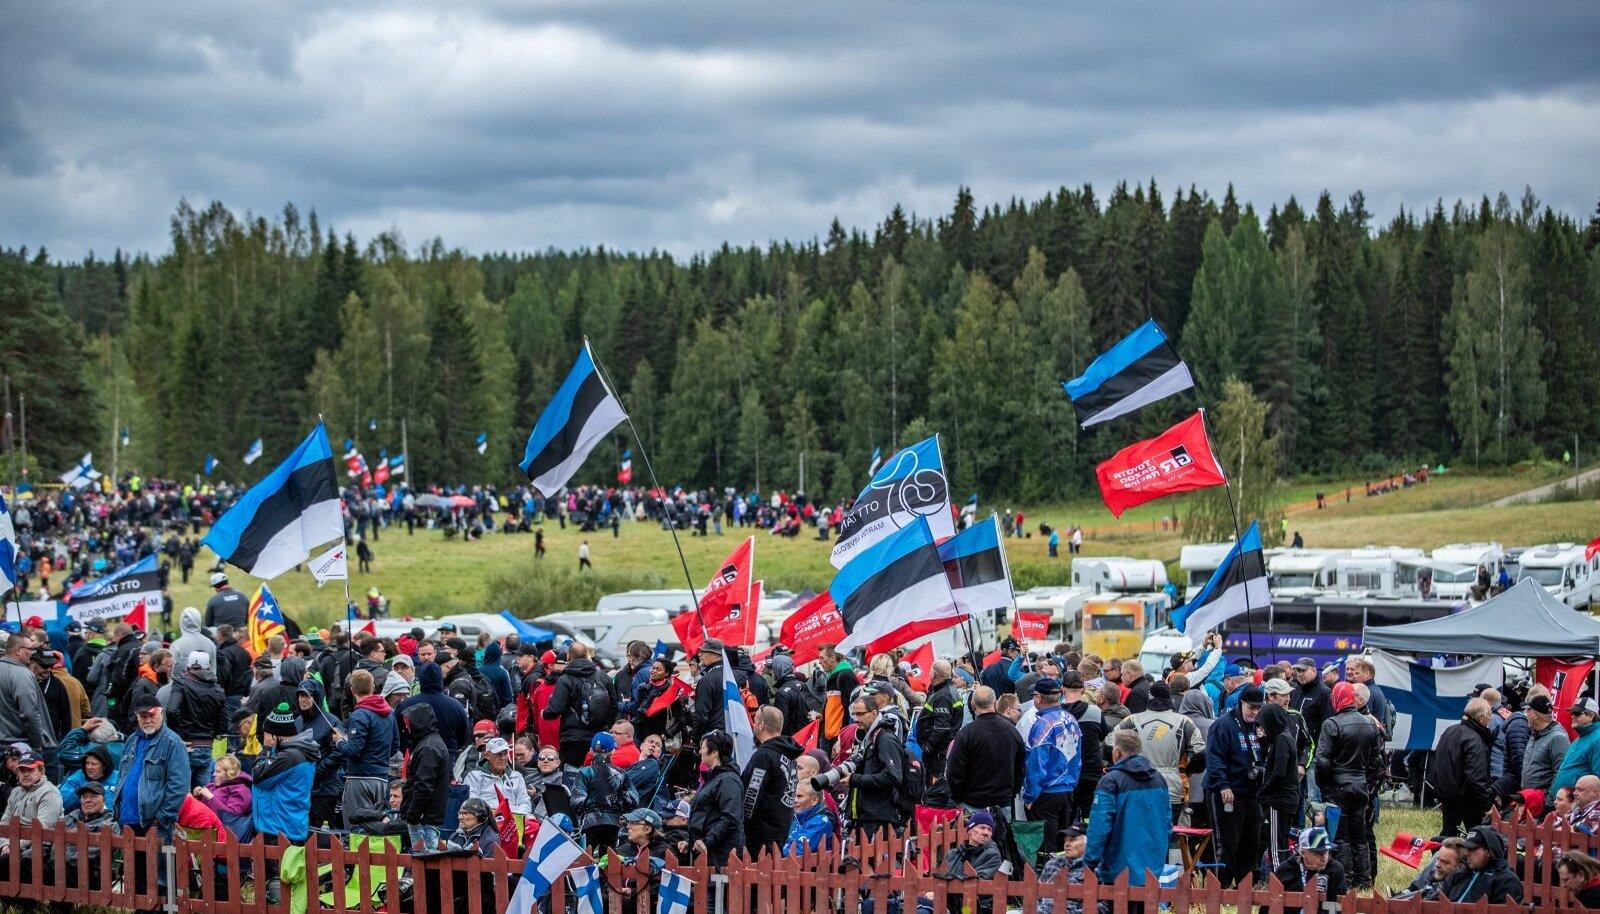 Tuhanded Eesti rallifännid on harjunud Ott Tänakule võõrsil kaasa elama.